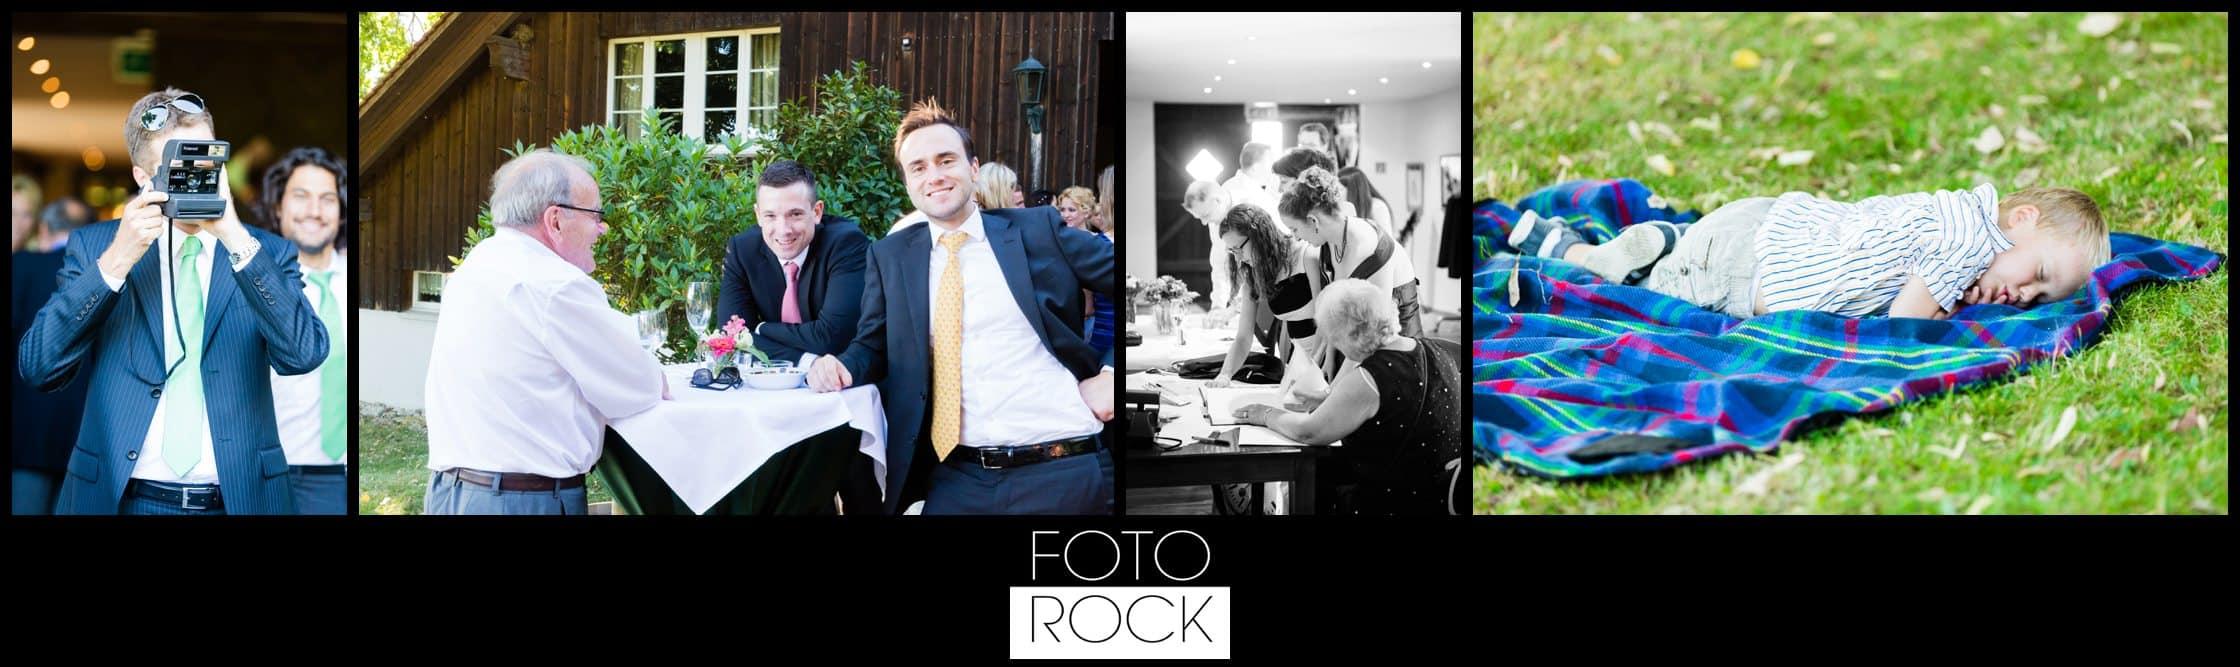 Hochzeit Rafz Albführen Location Gäste Fotos